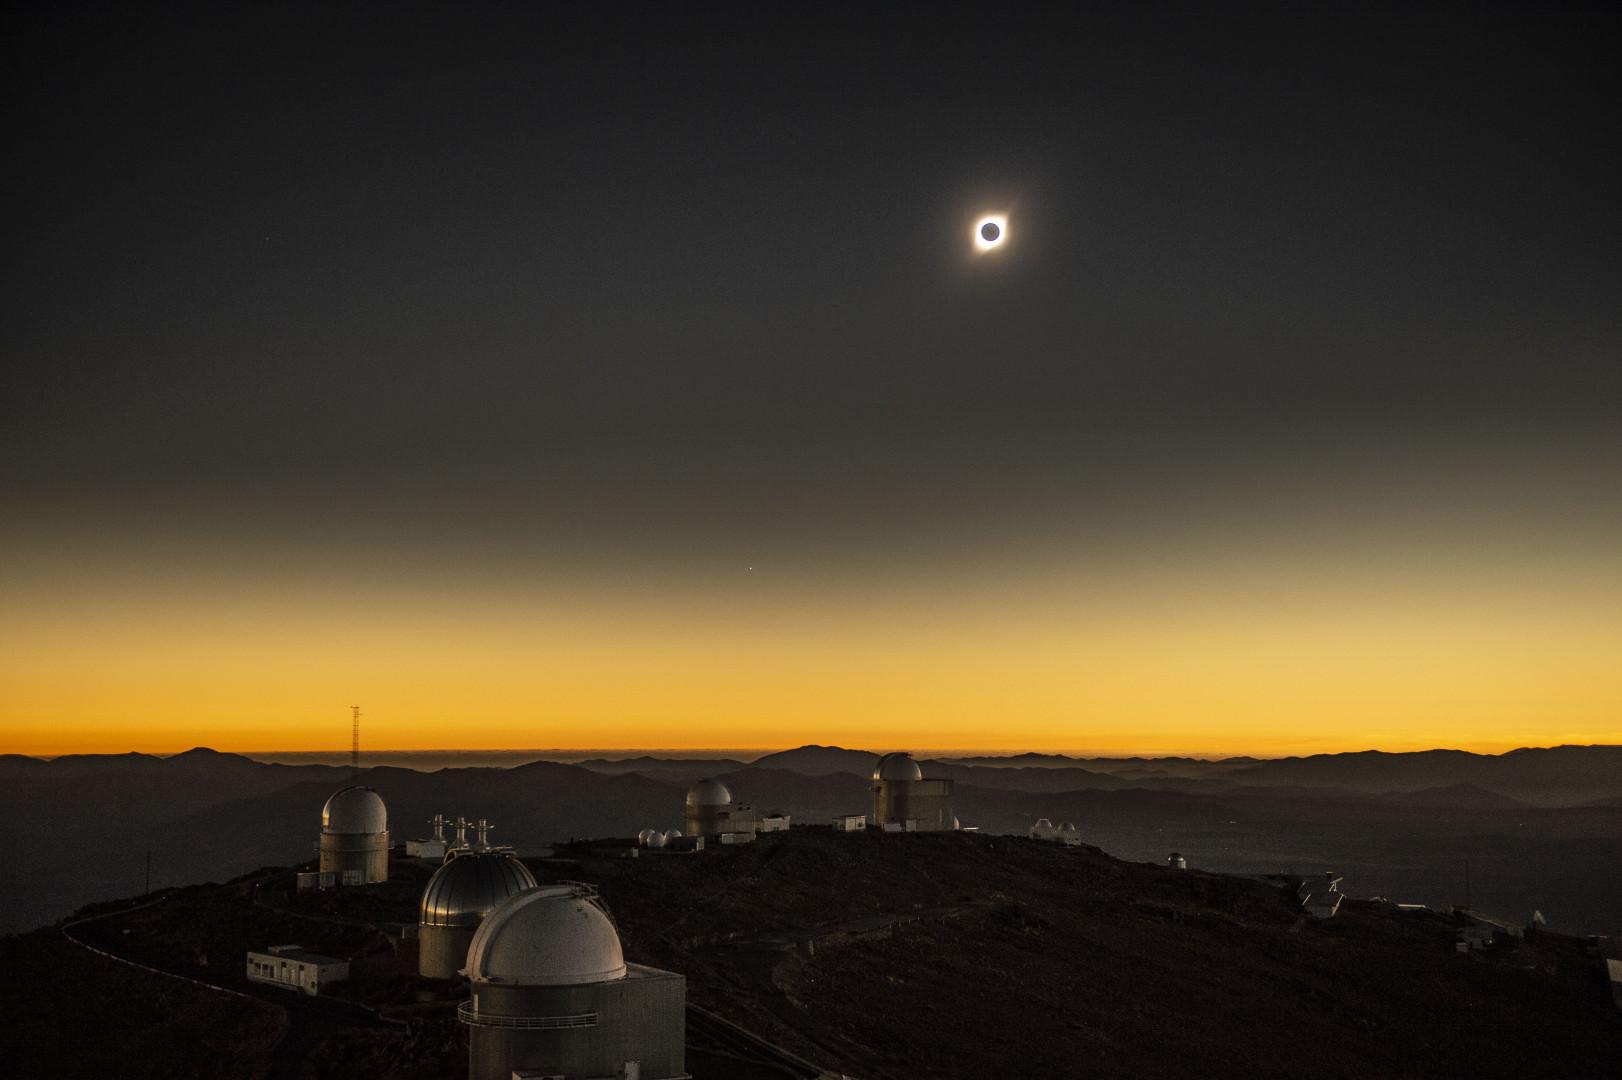 Éclipse totale du Soleil le 2 juillet 2019 au Chili